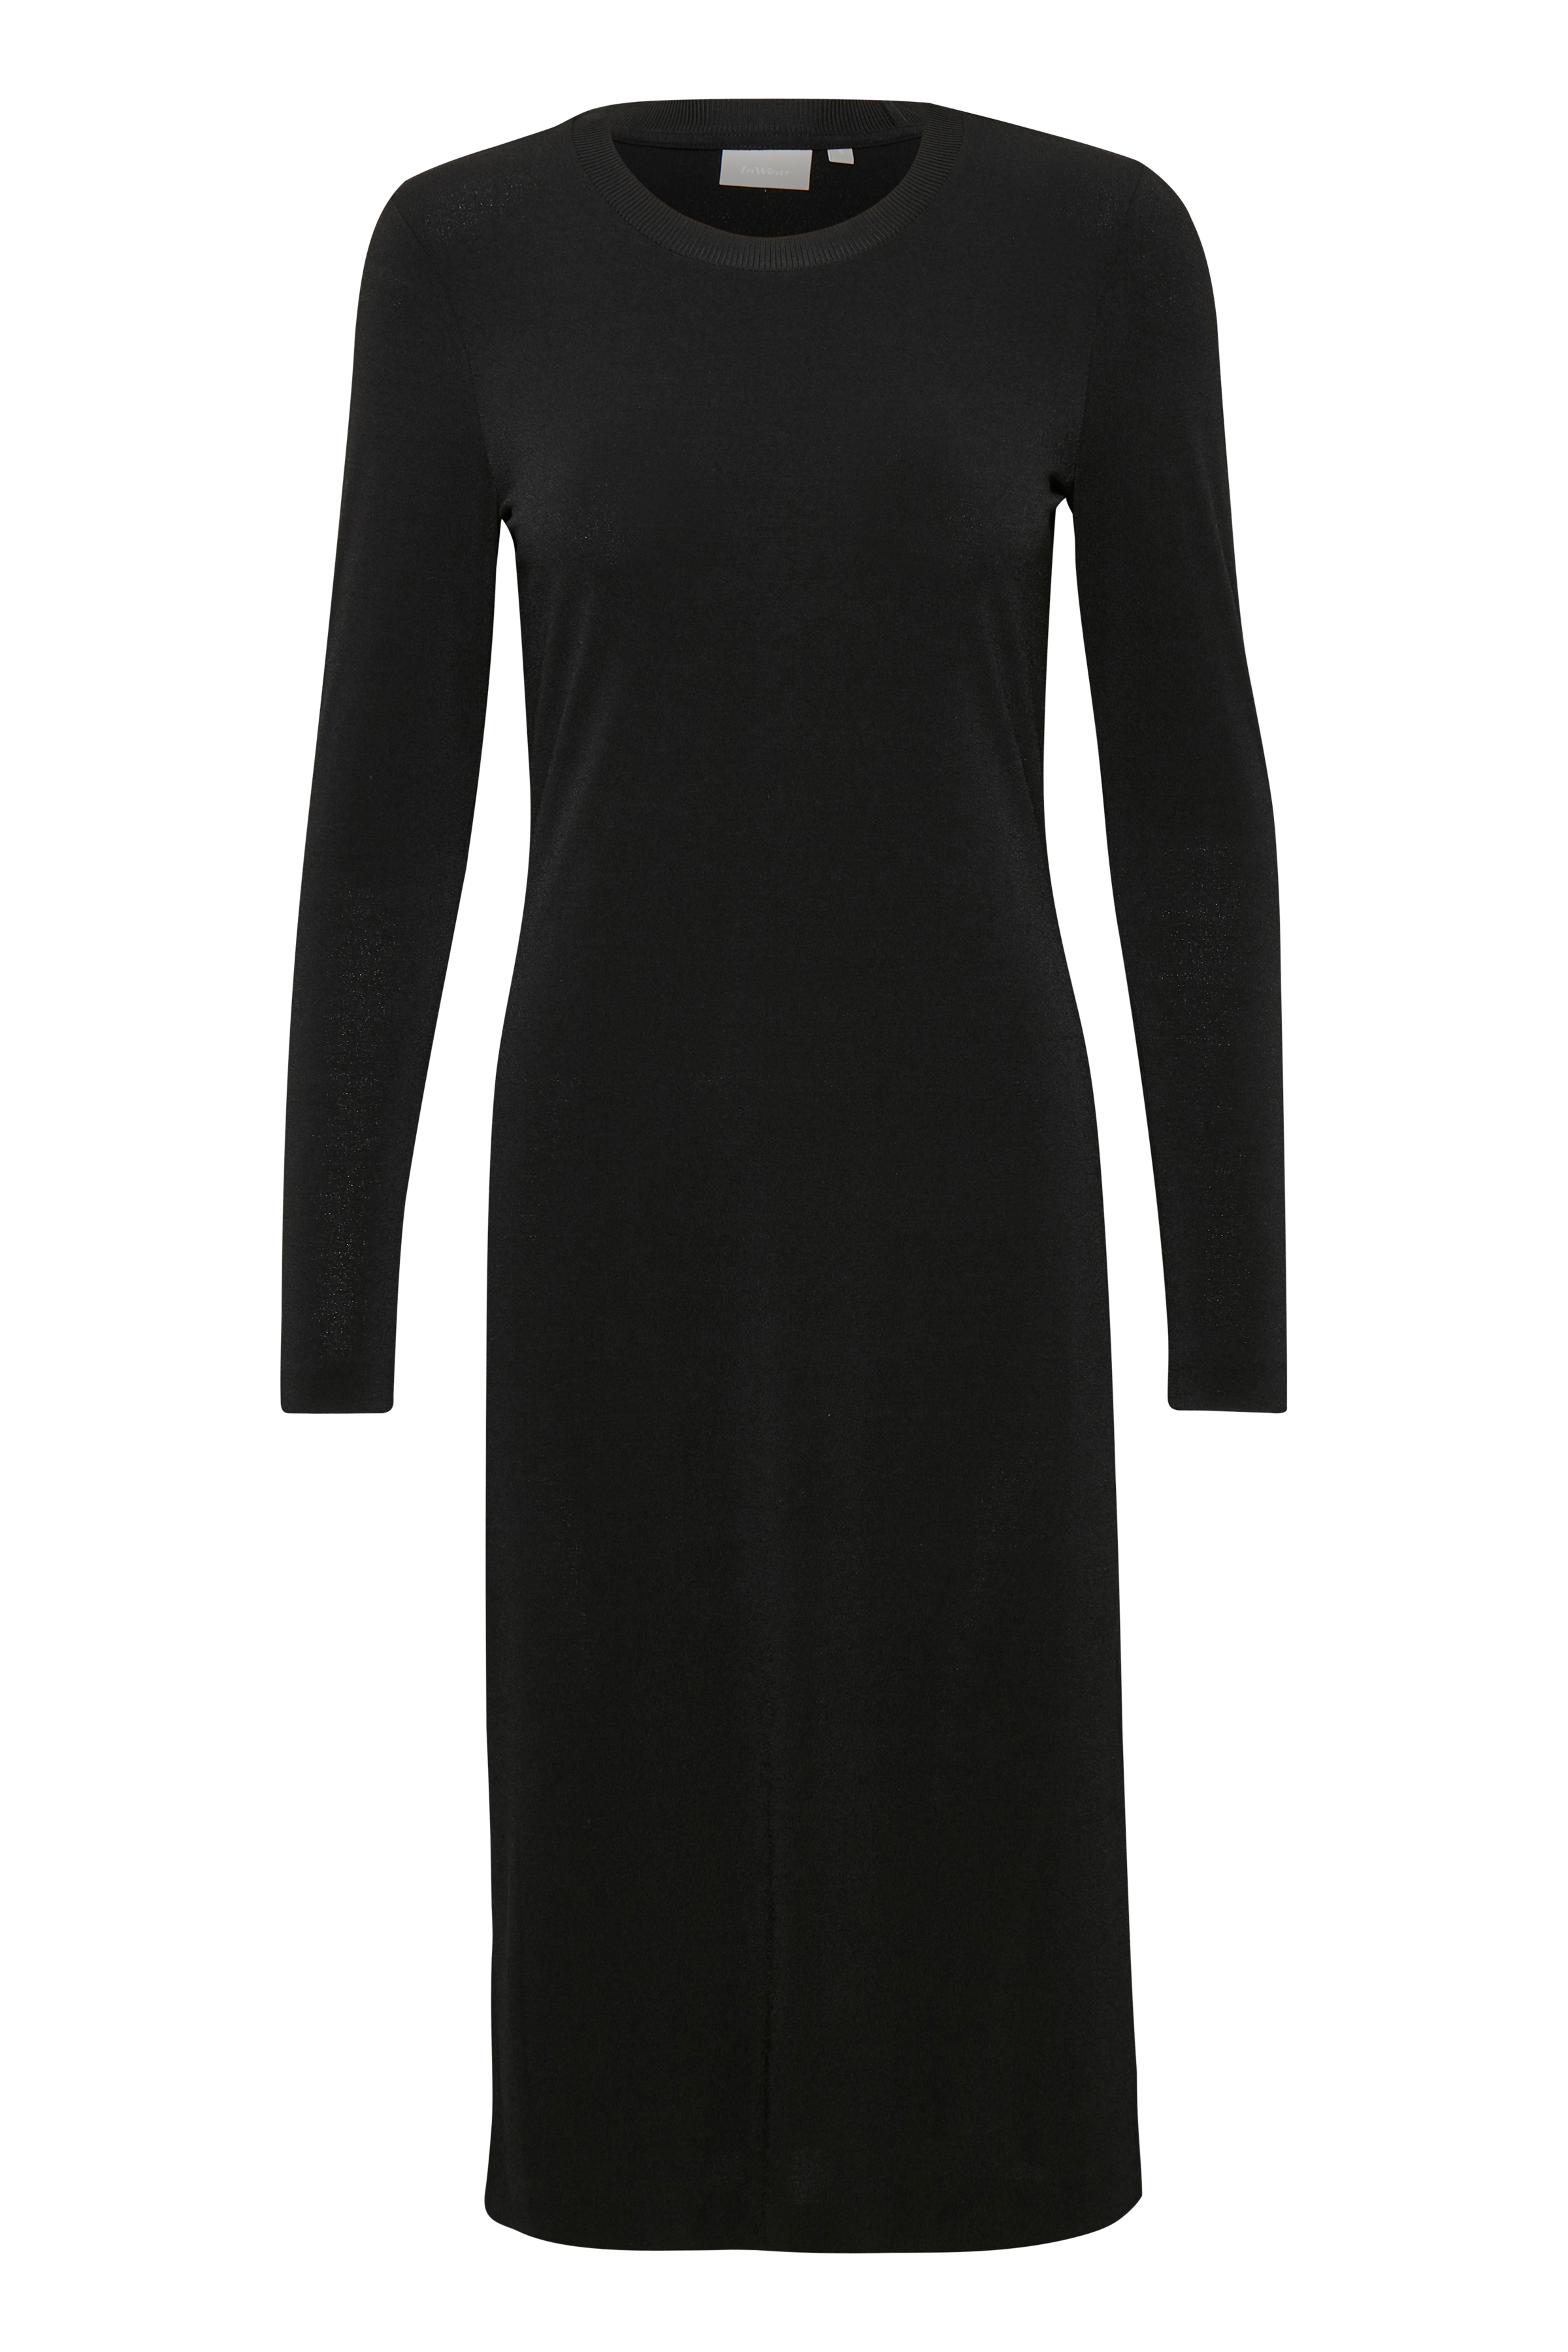 Black Jerseykjole – Køb Black Jerseykjole fra str. XXS-XL her